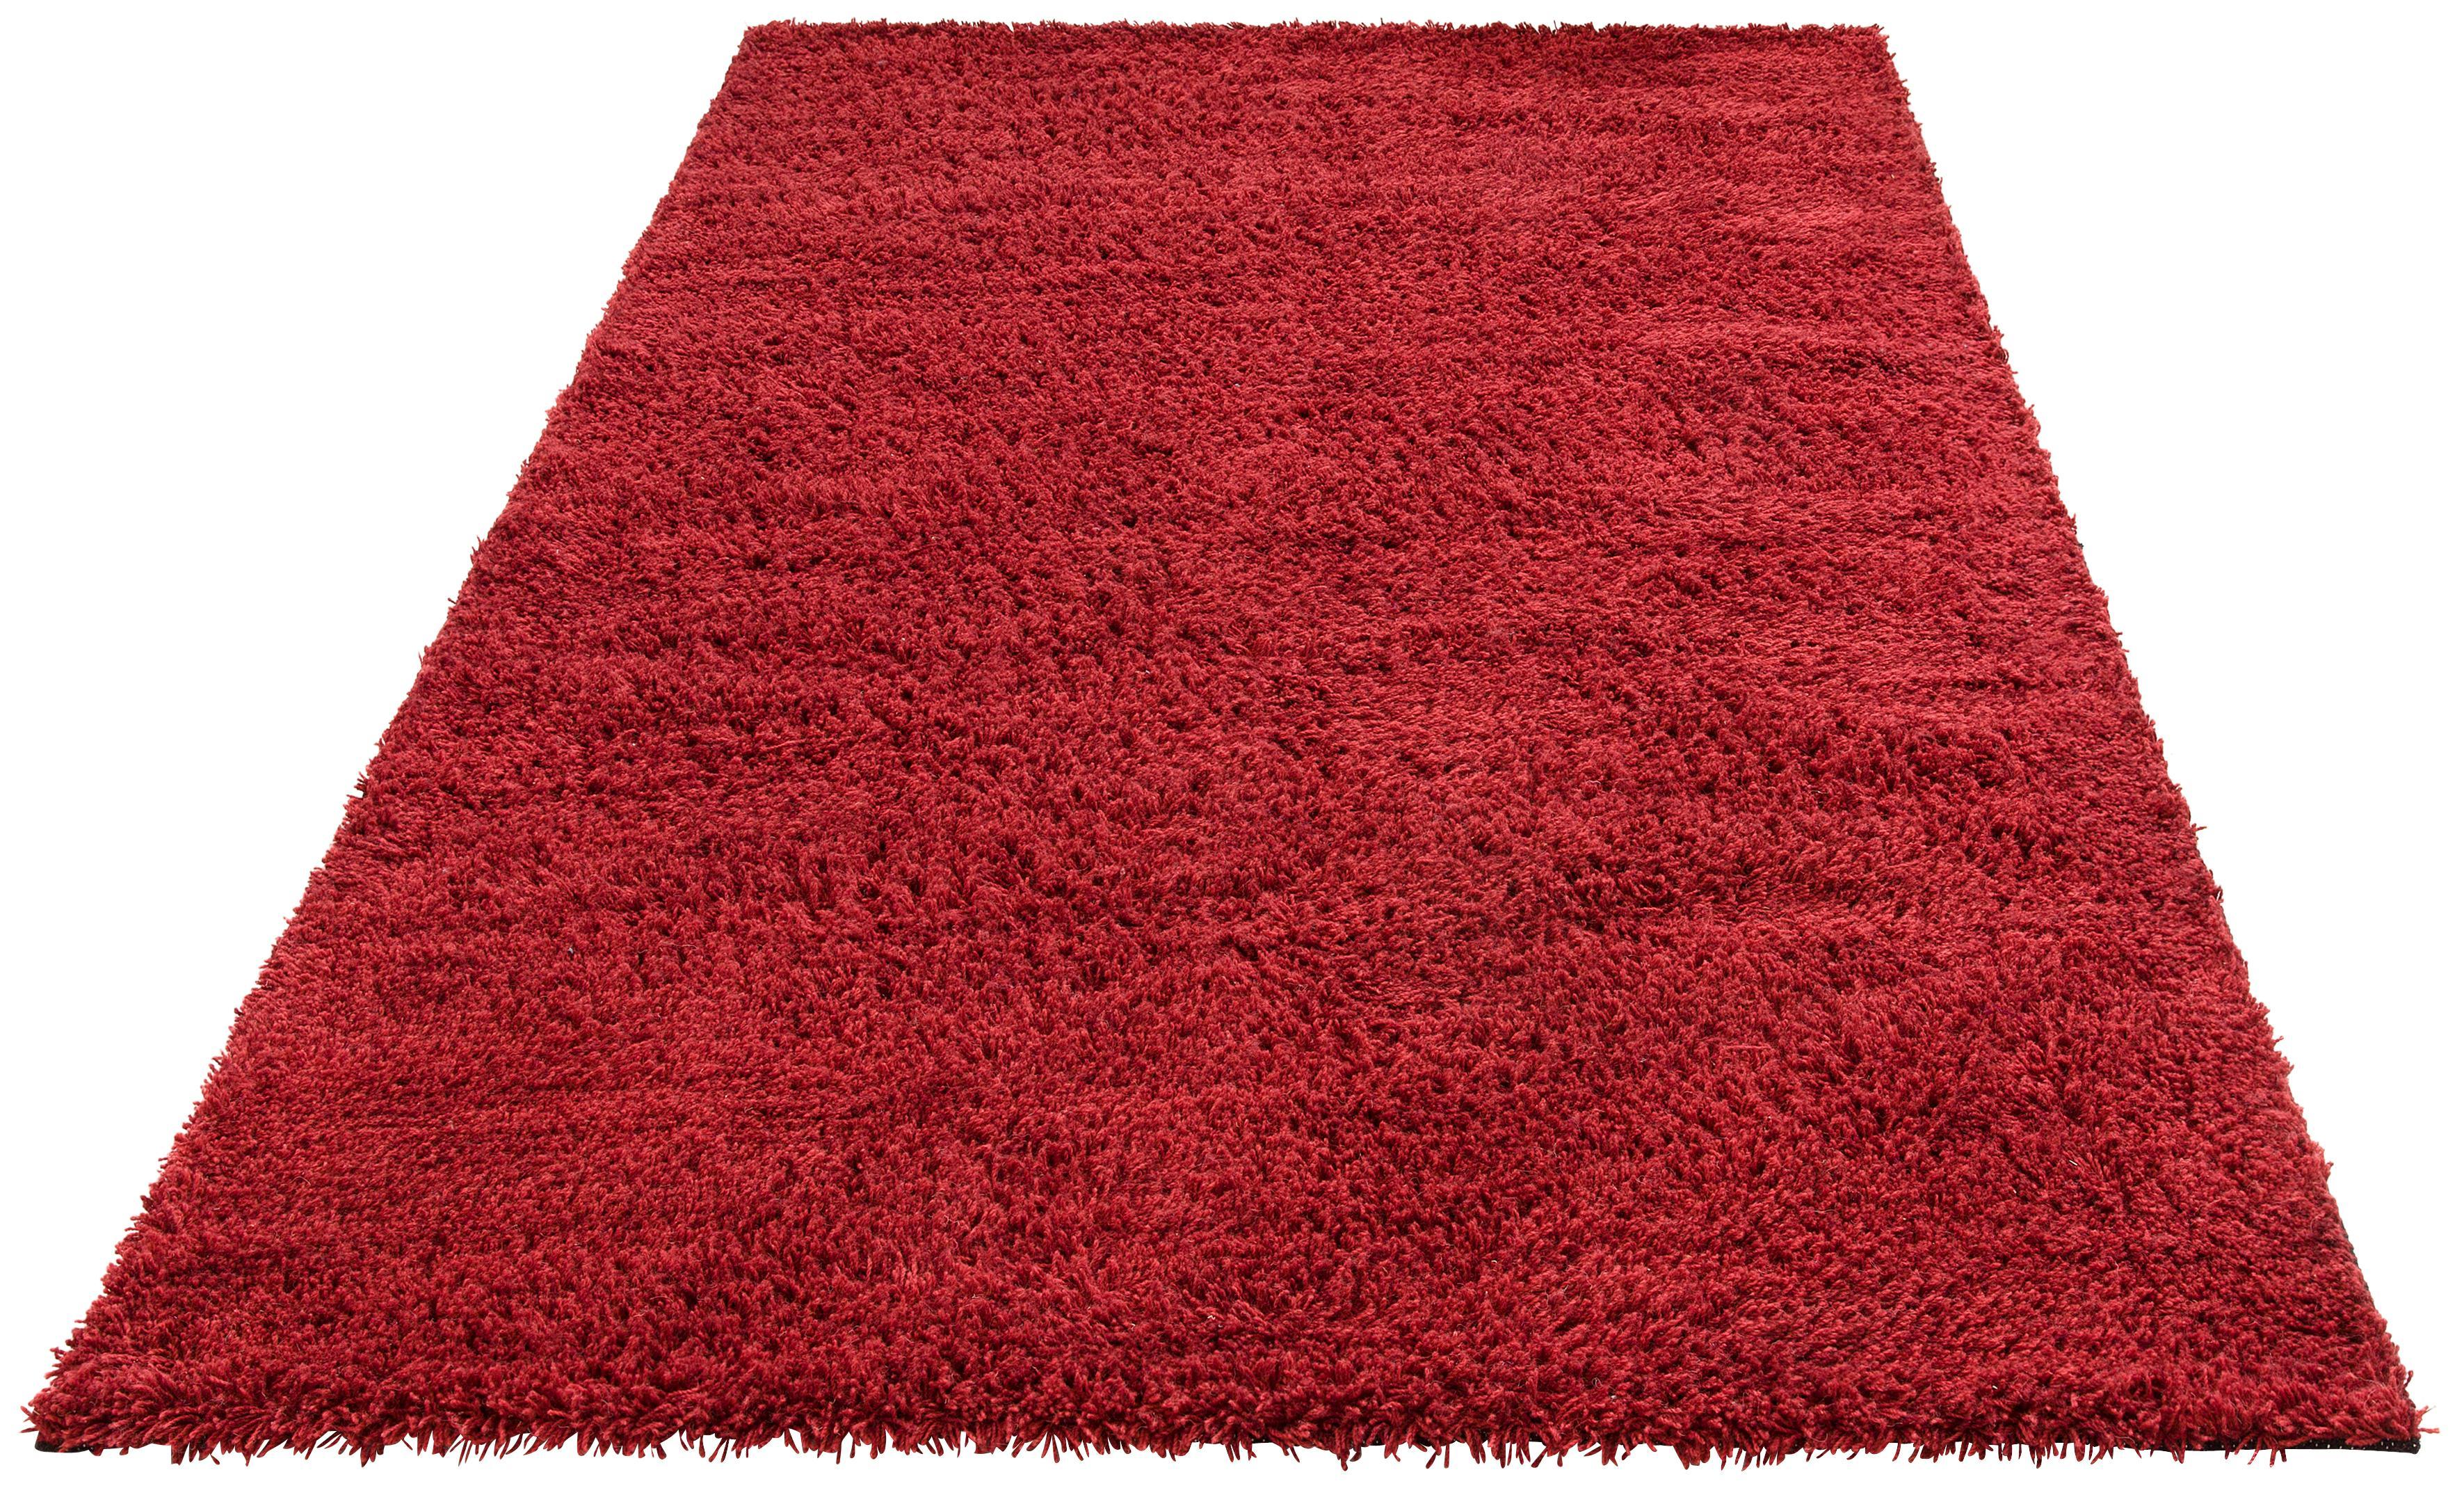 Hochflor-Teppich Kartal Theko Exklusiv rechteckig Höhe 30 mm handgewebt